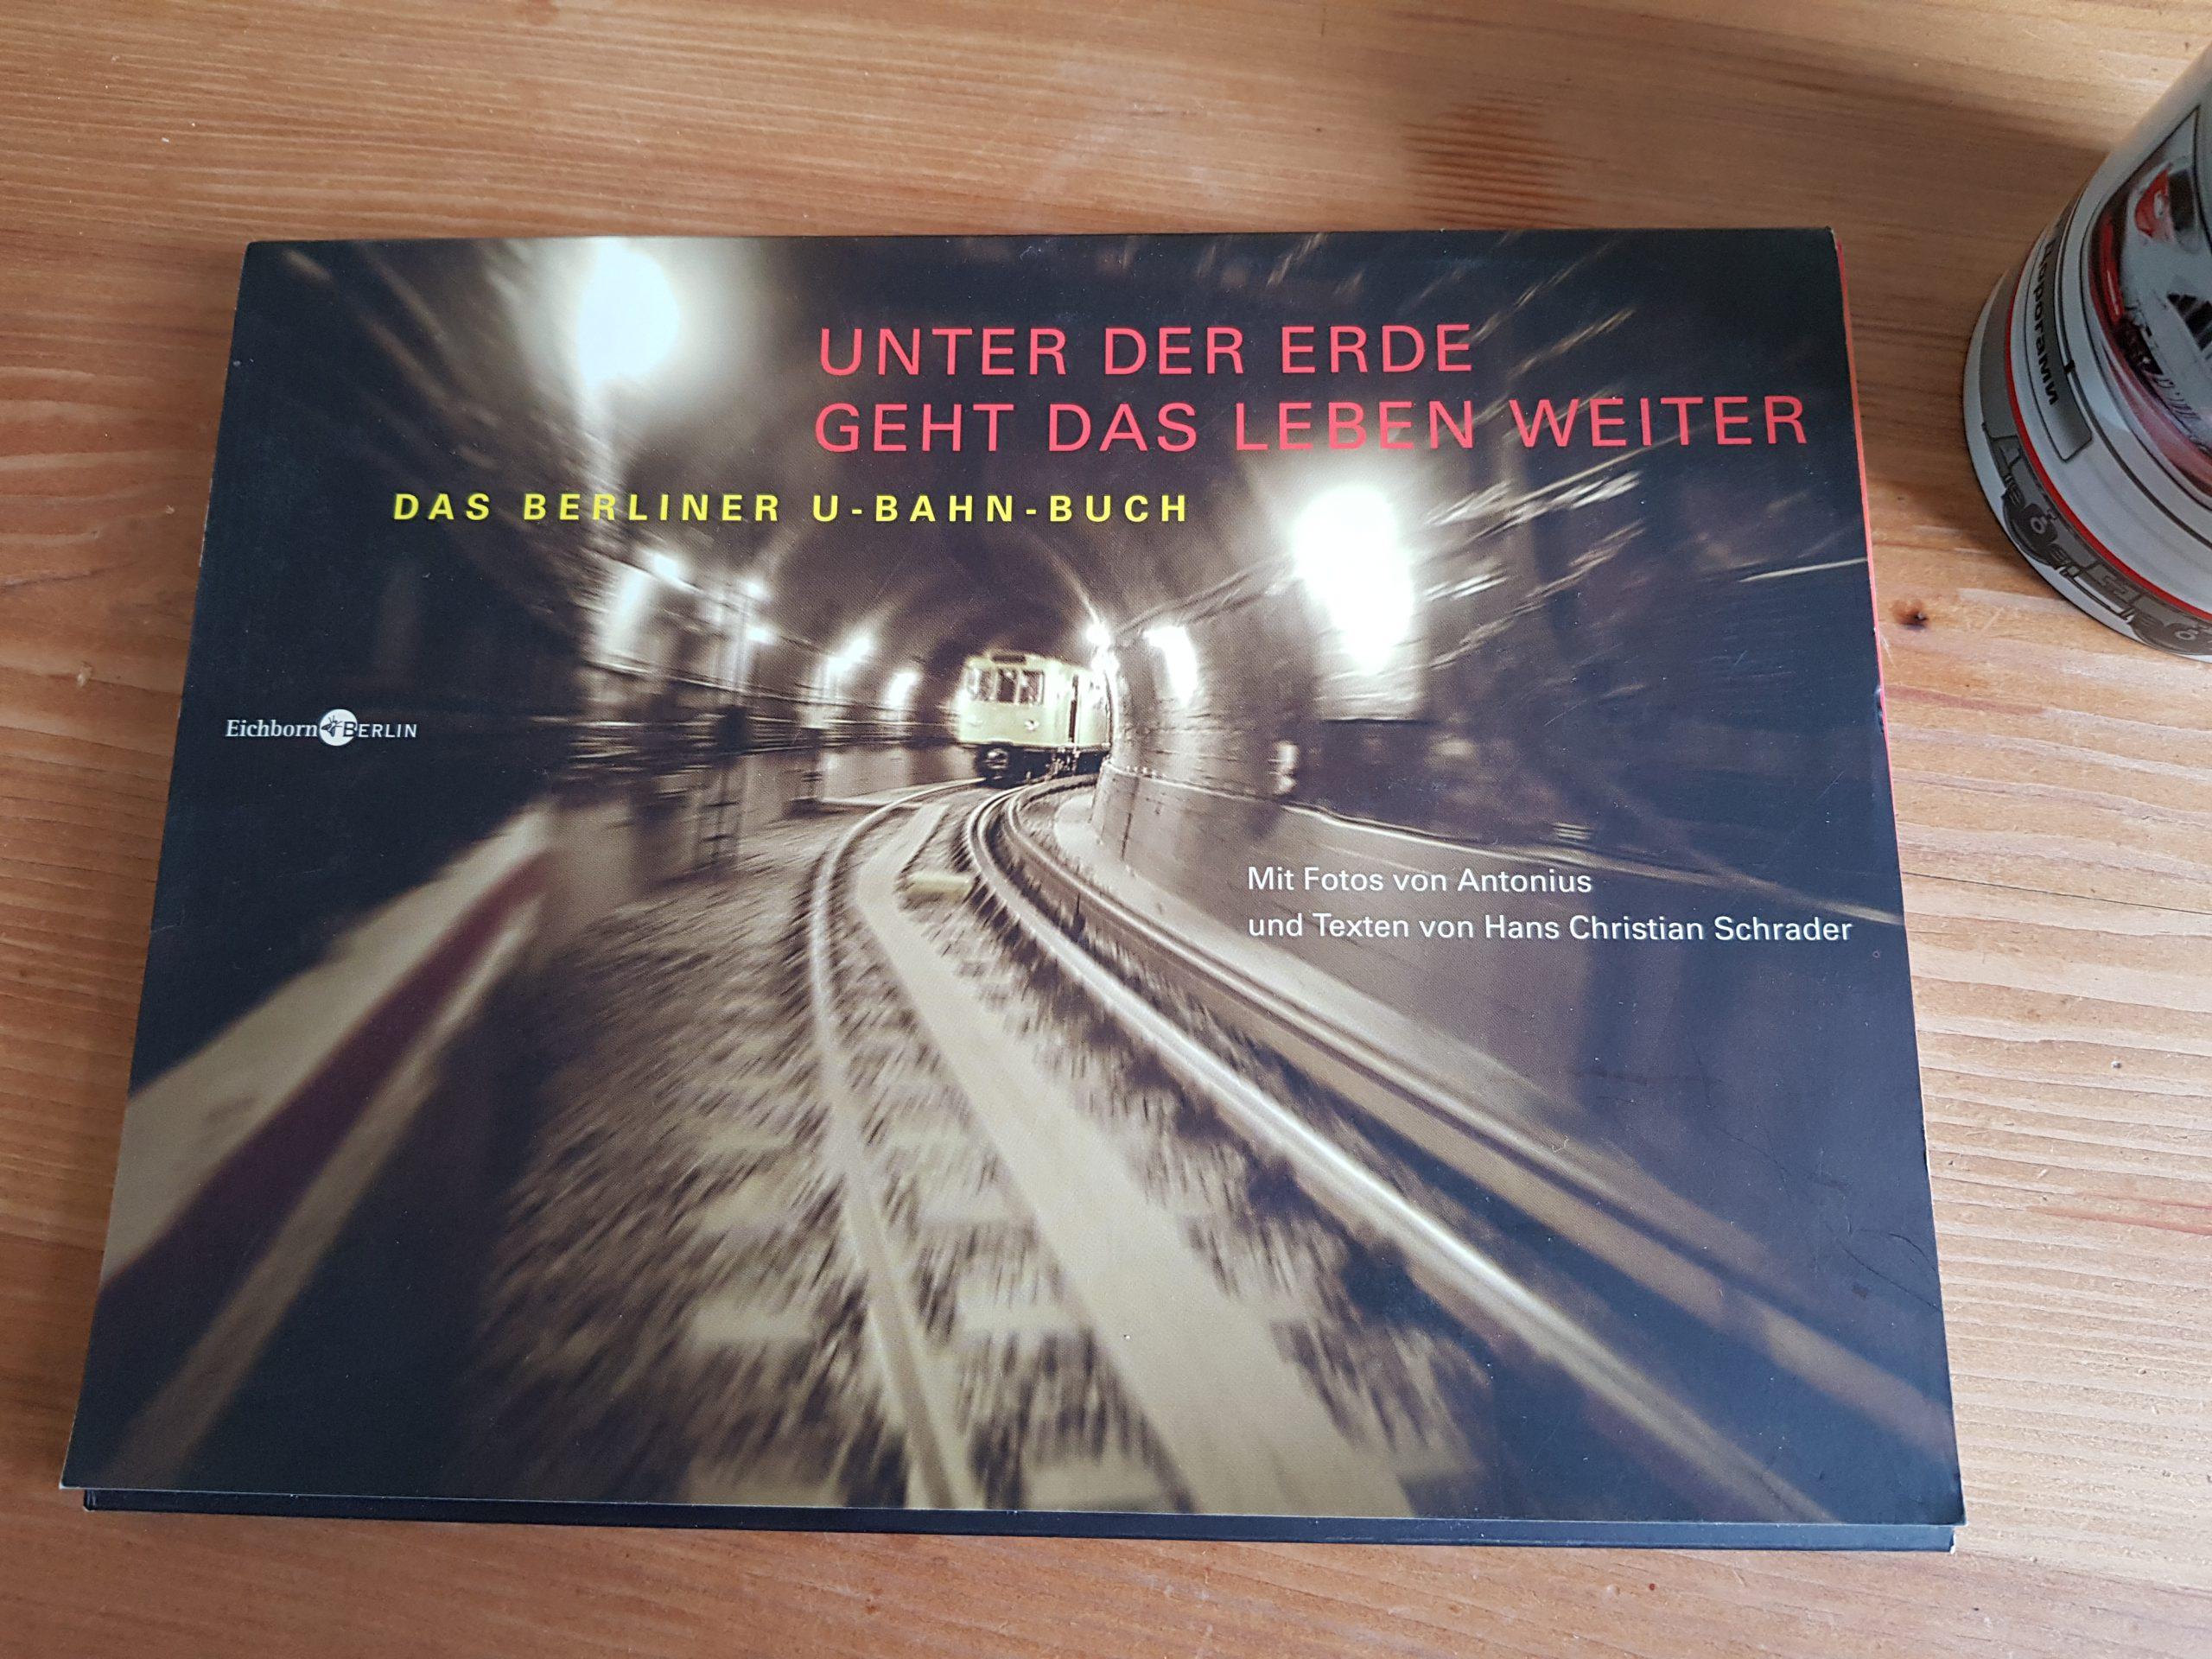 Hans Christian Schrader: Das Berliner U-Bahn-Buch